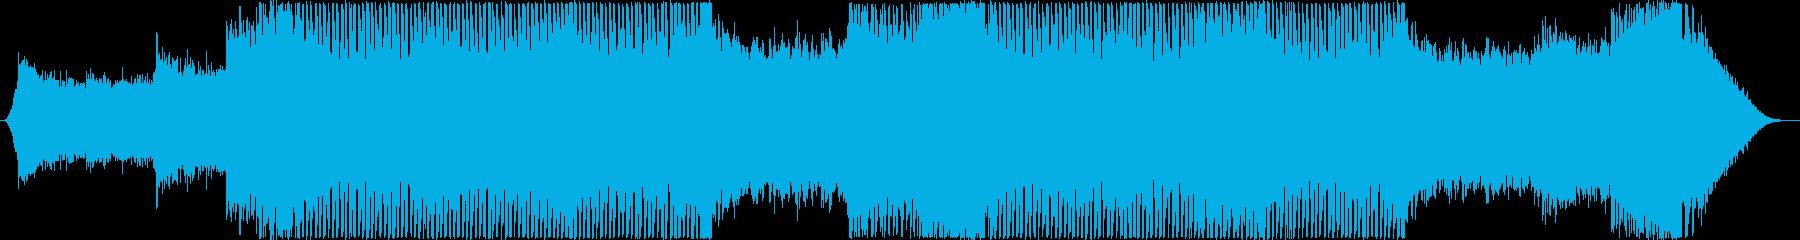 トランス マイナー 疾走感(メロ抜き)の再生済みの波形